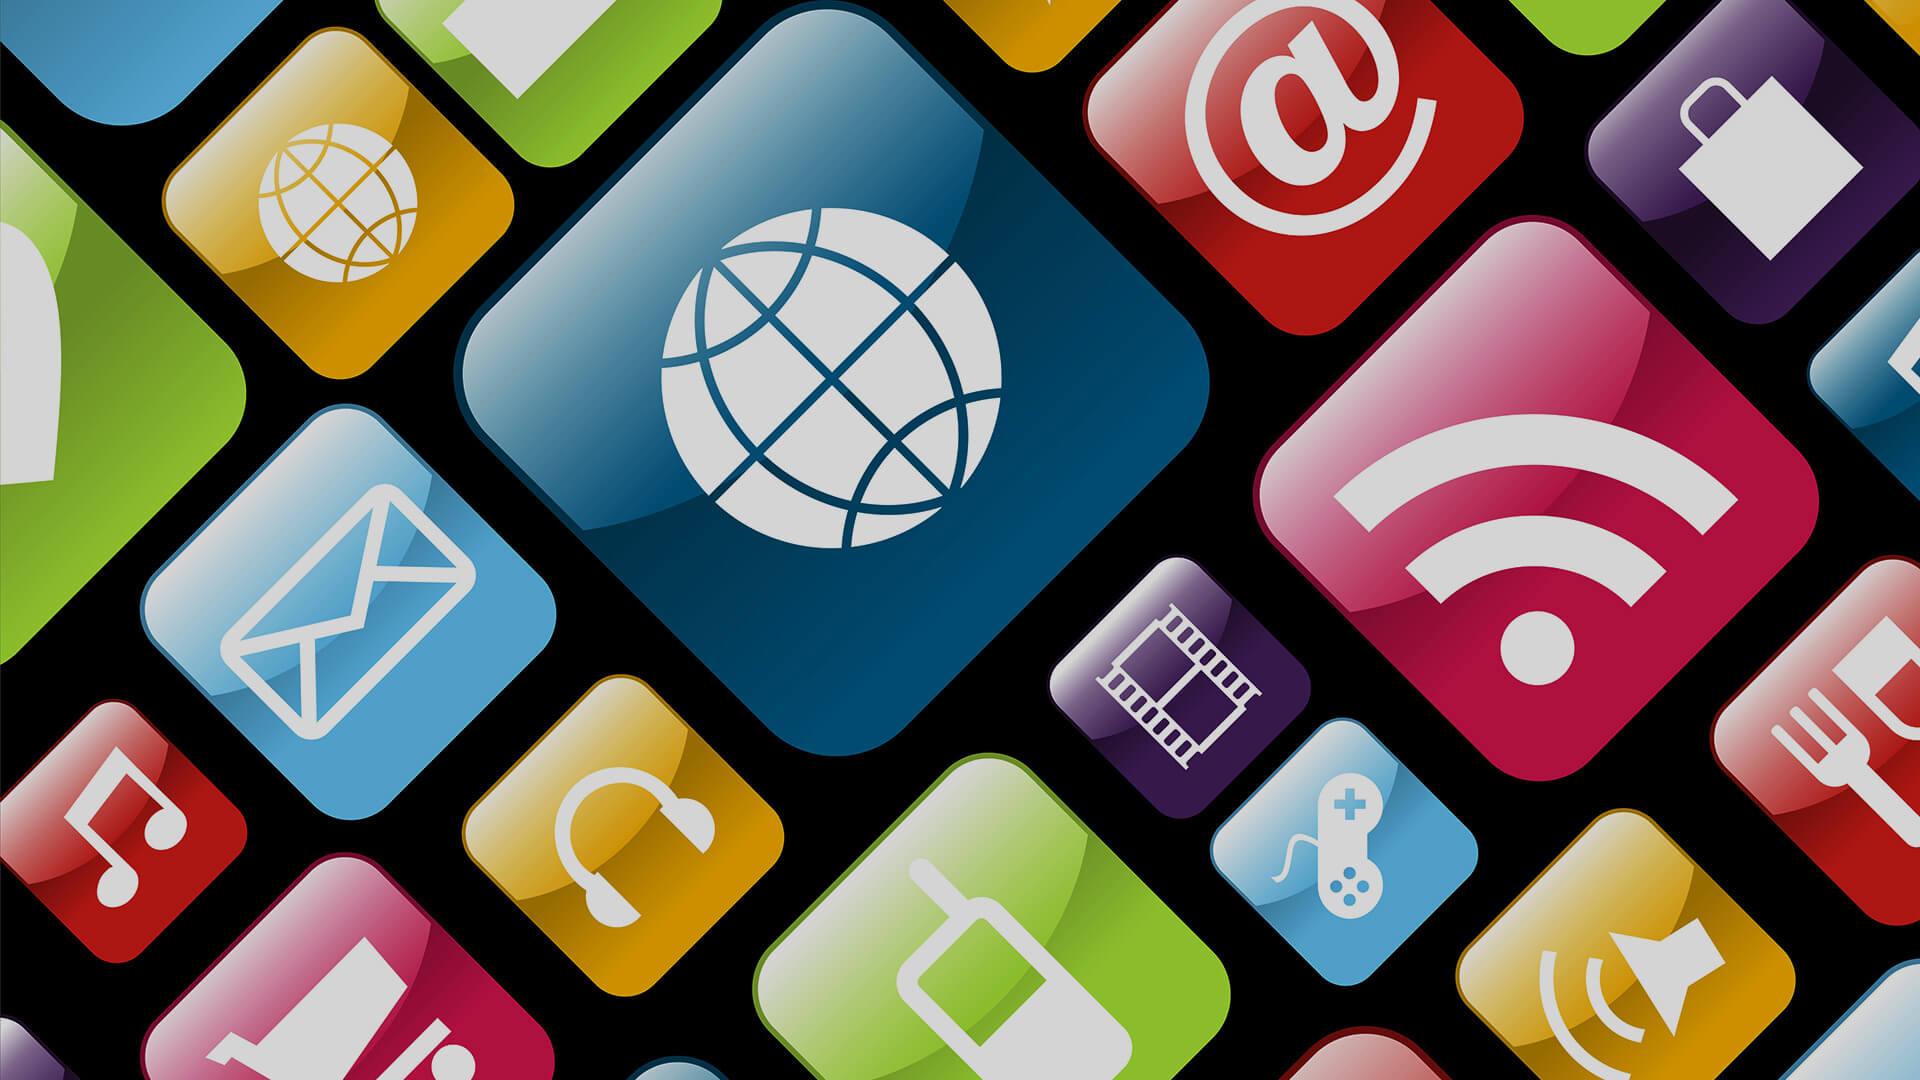 Extensiones de aplicación que llegan a Bing Ads